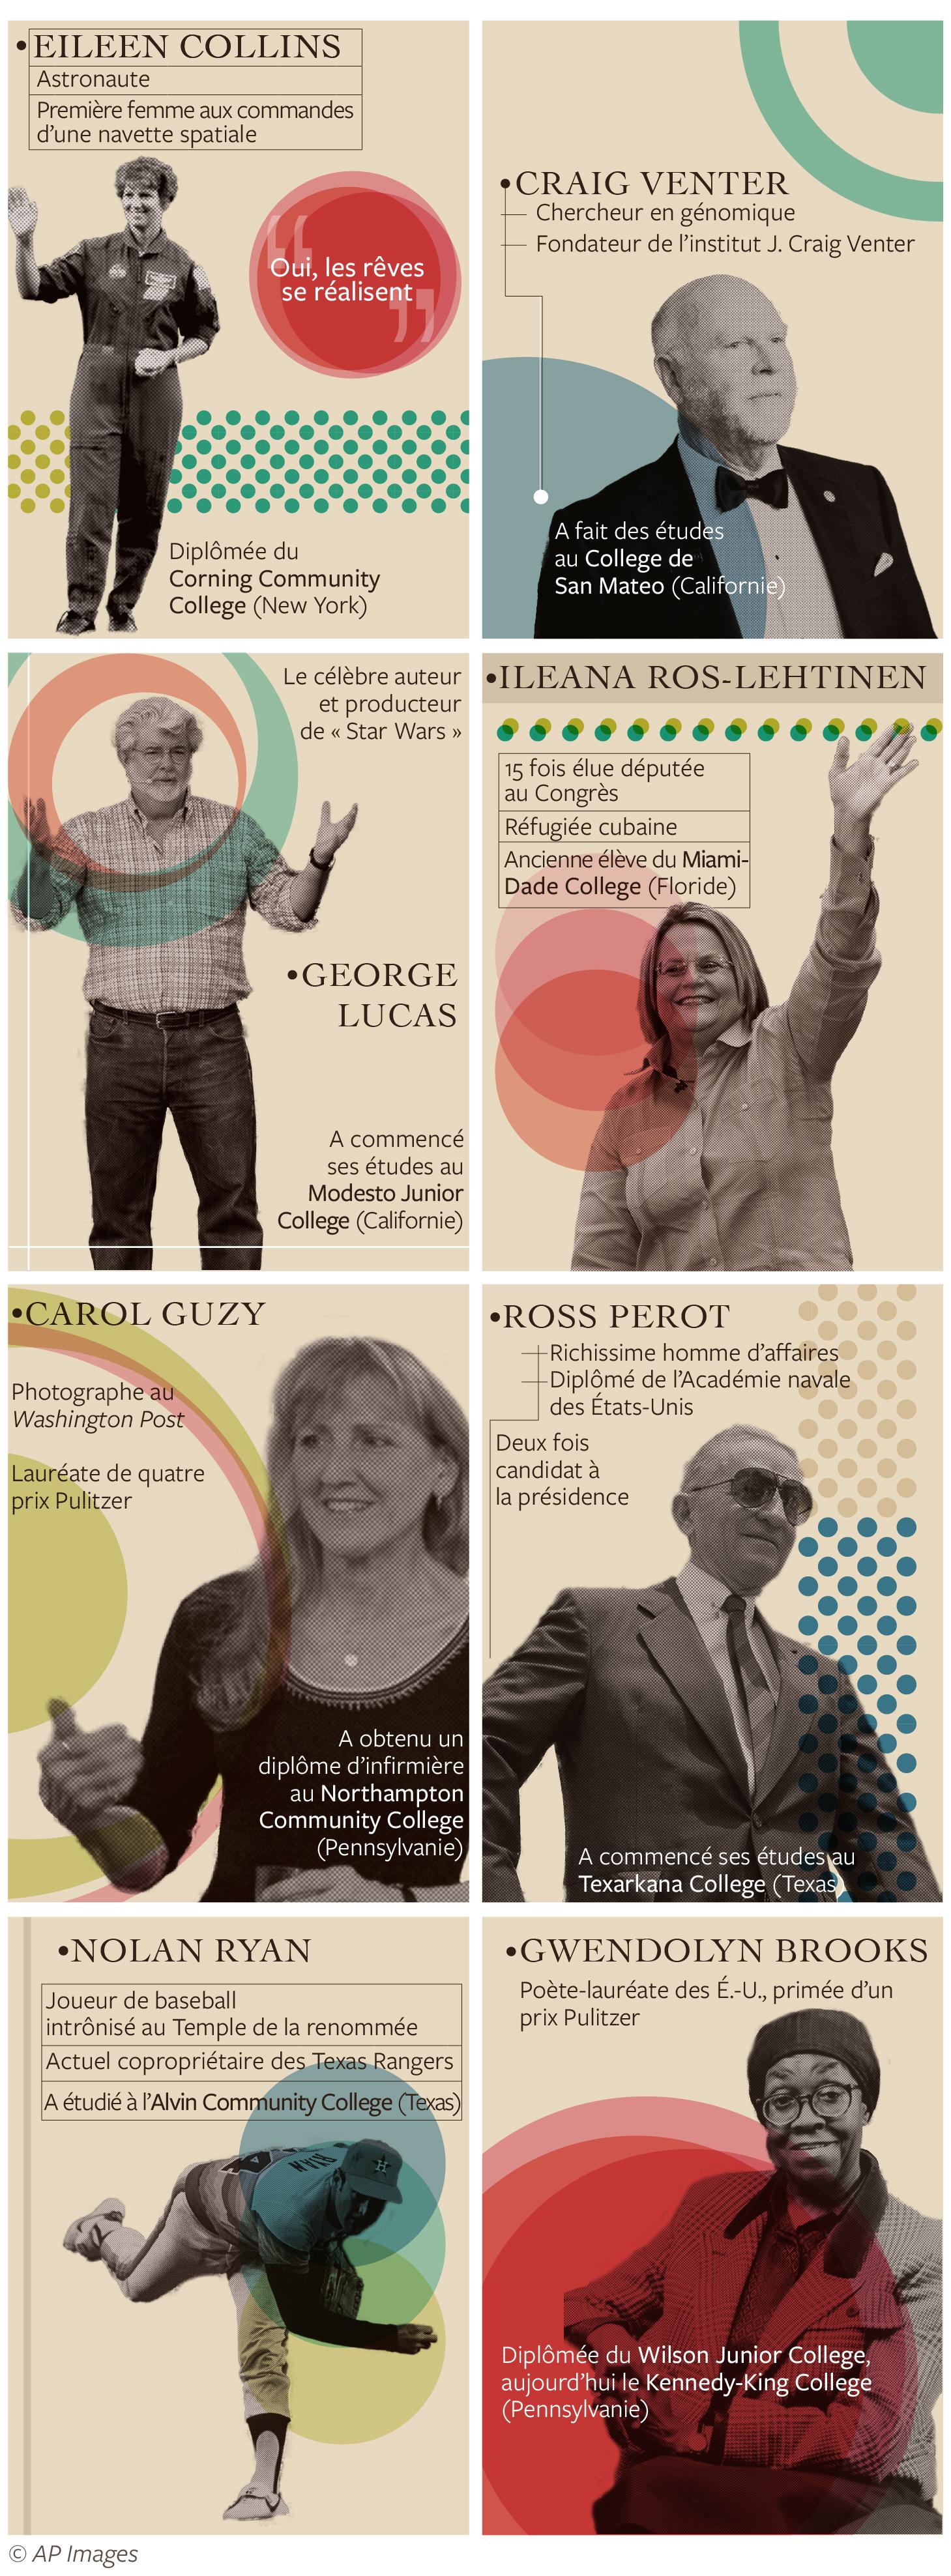 Infographie composée de huit parties présentant des Américains illustres qui ont fait des études dans des community colleges (Département d'État/S. Gemeny Wilkinson)